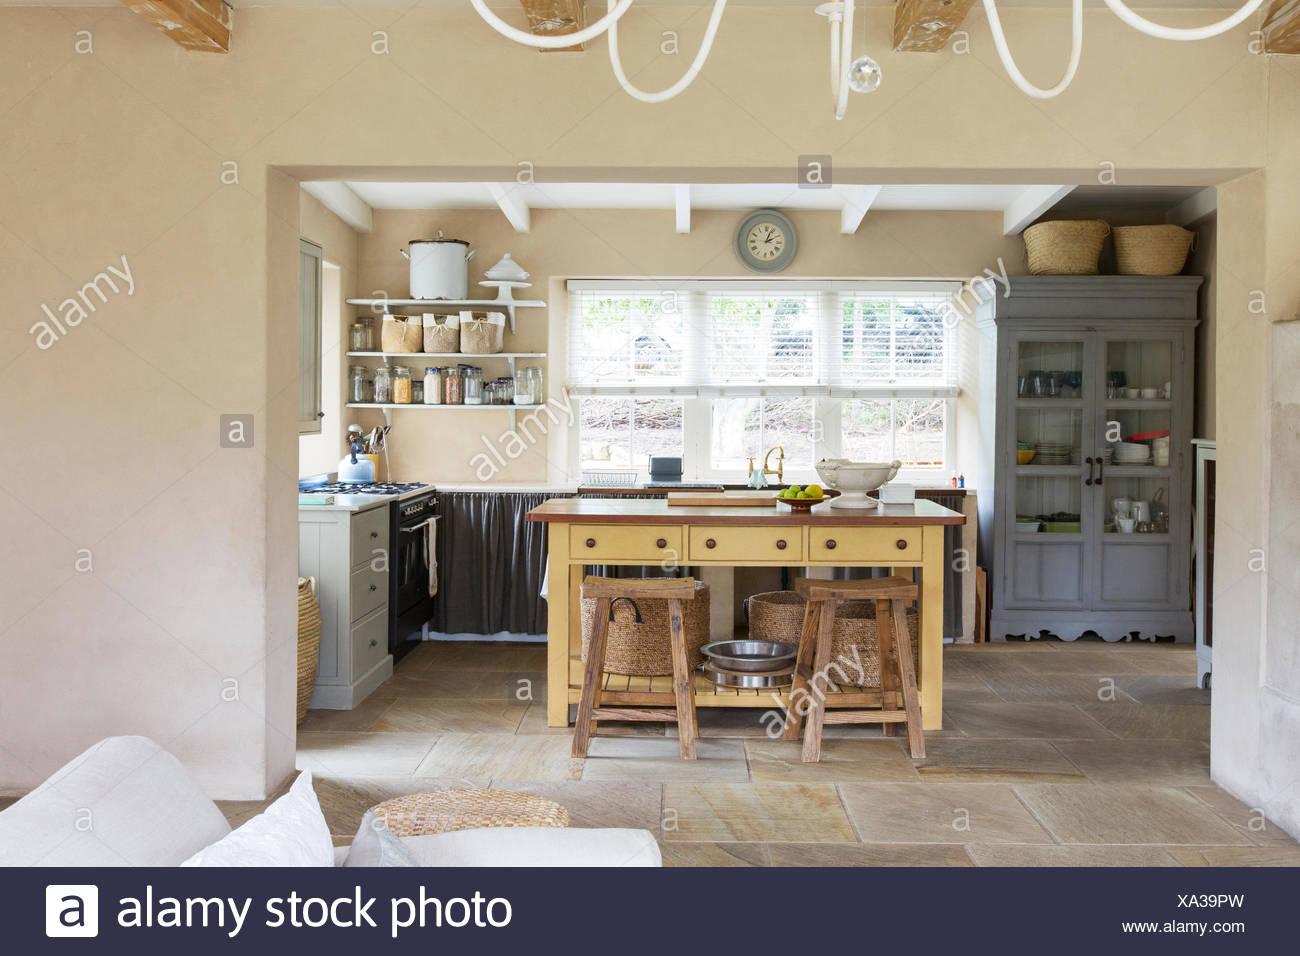 Ilha na cozinha da casa rústica Imagens de Stock